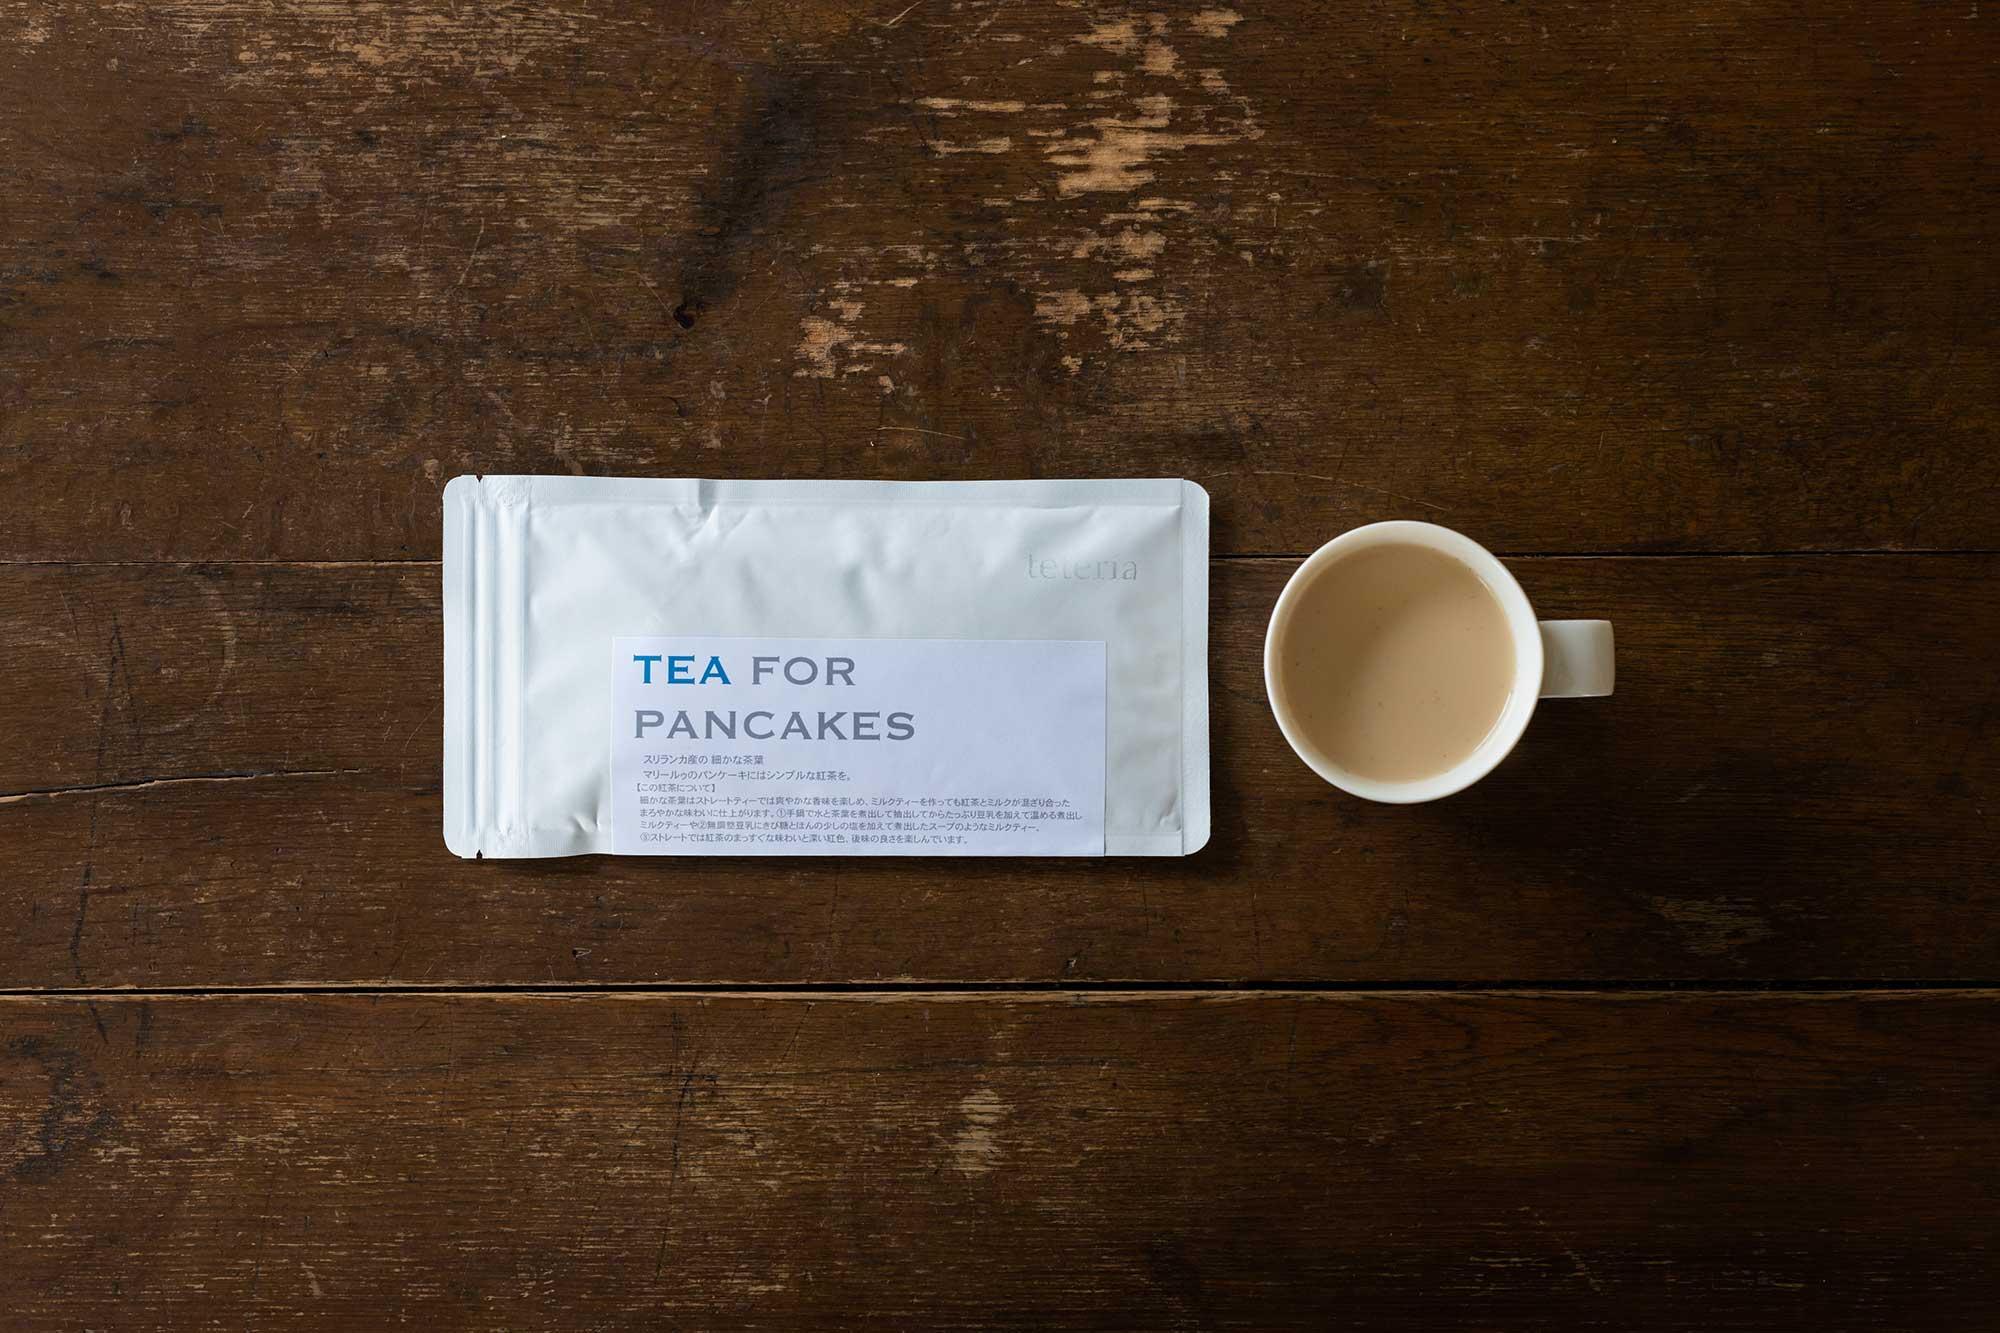 teteria TEA FOR PANCAKES 60g